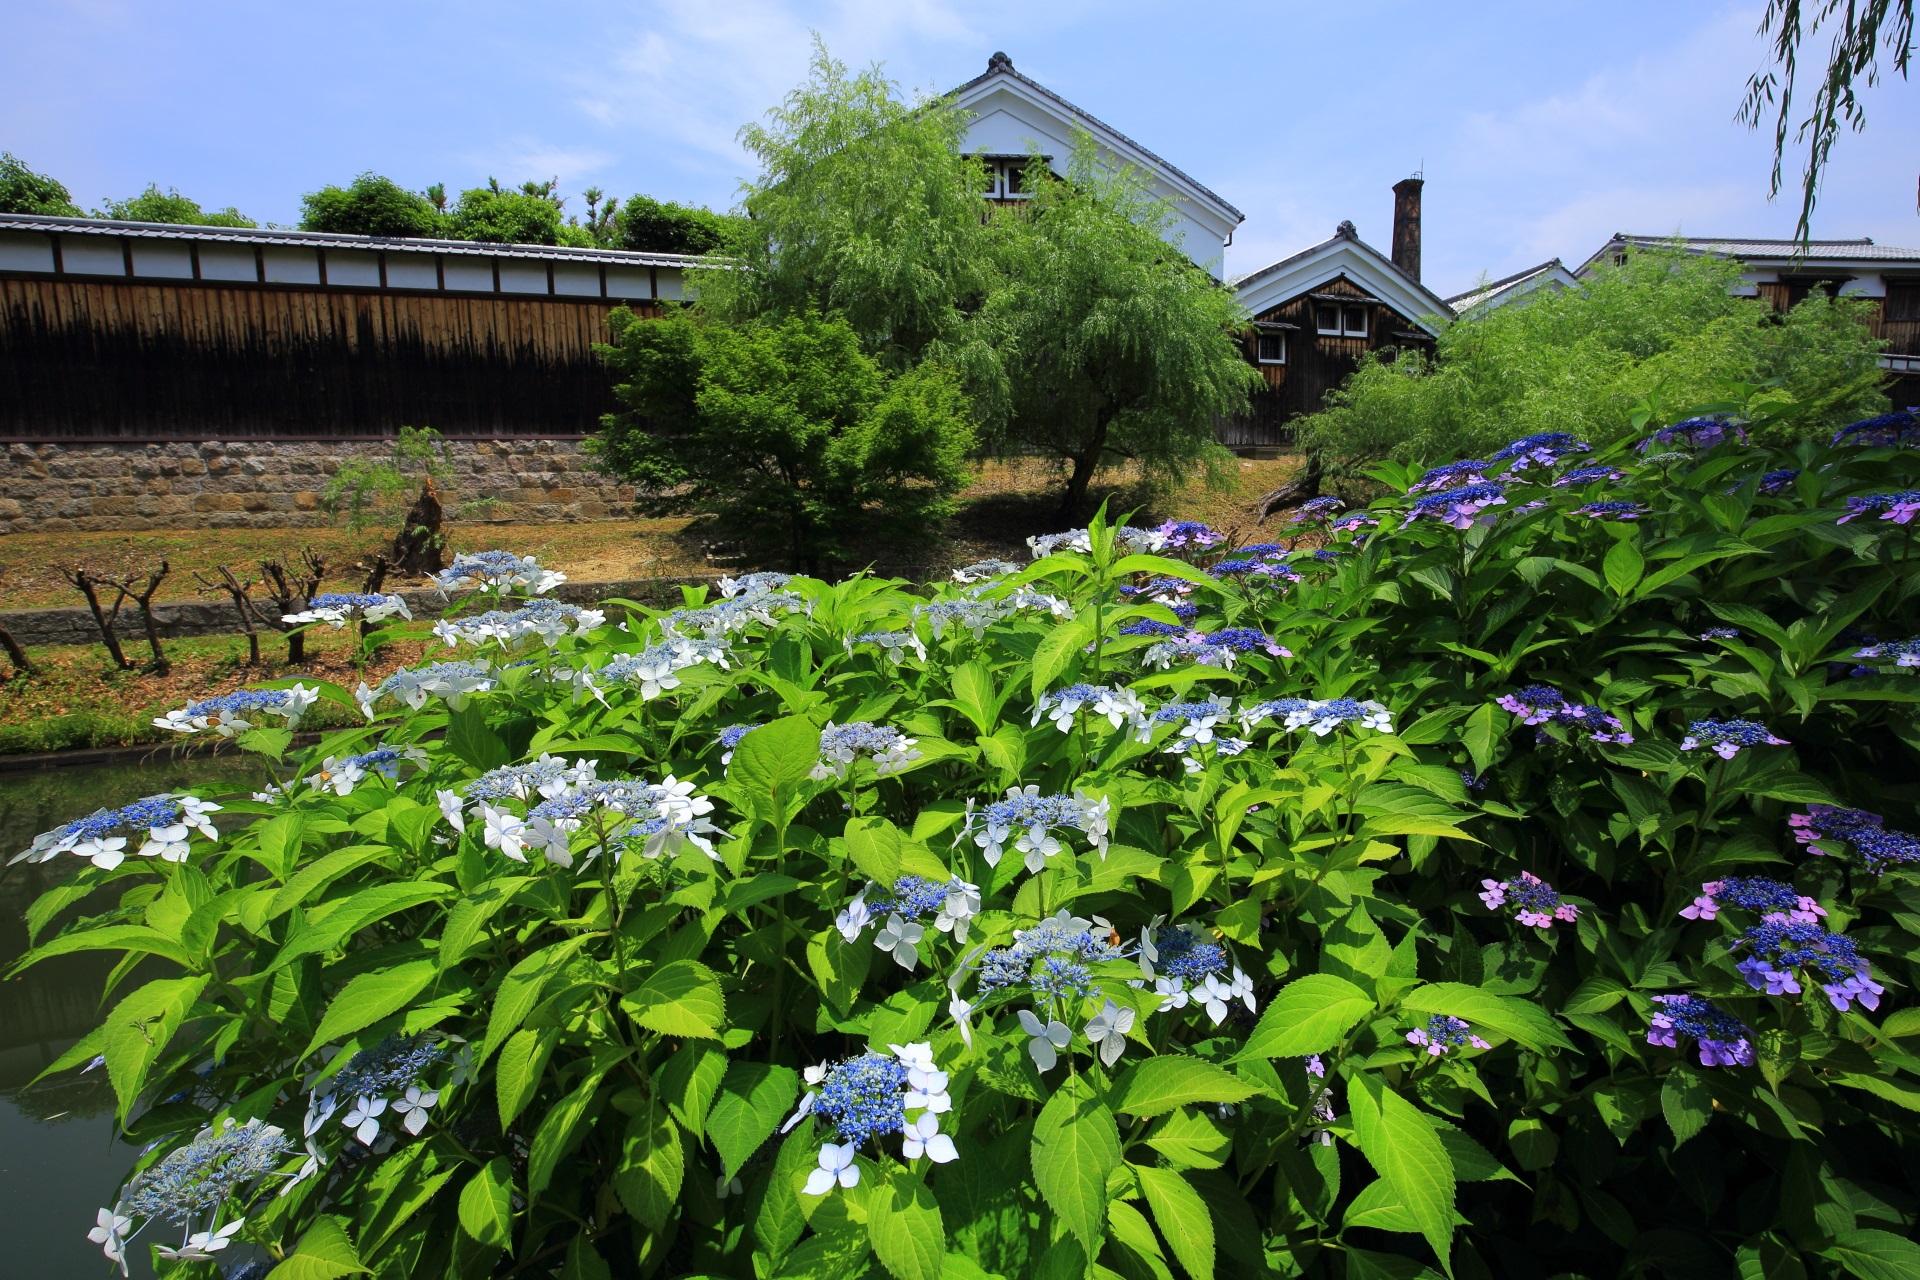 宇治川派流の素晴らしい紫陽花と初夏の情景や街並み